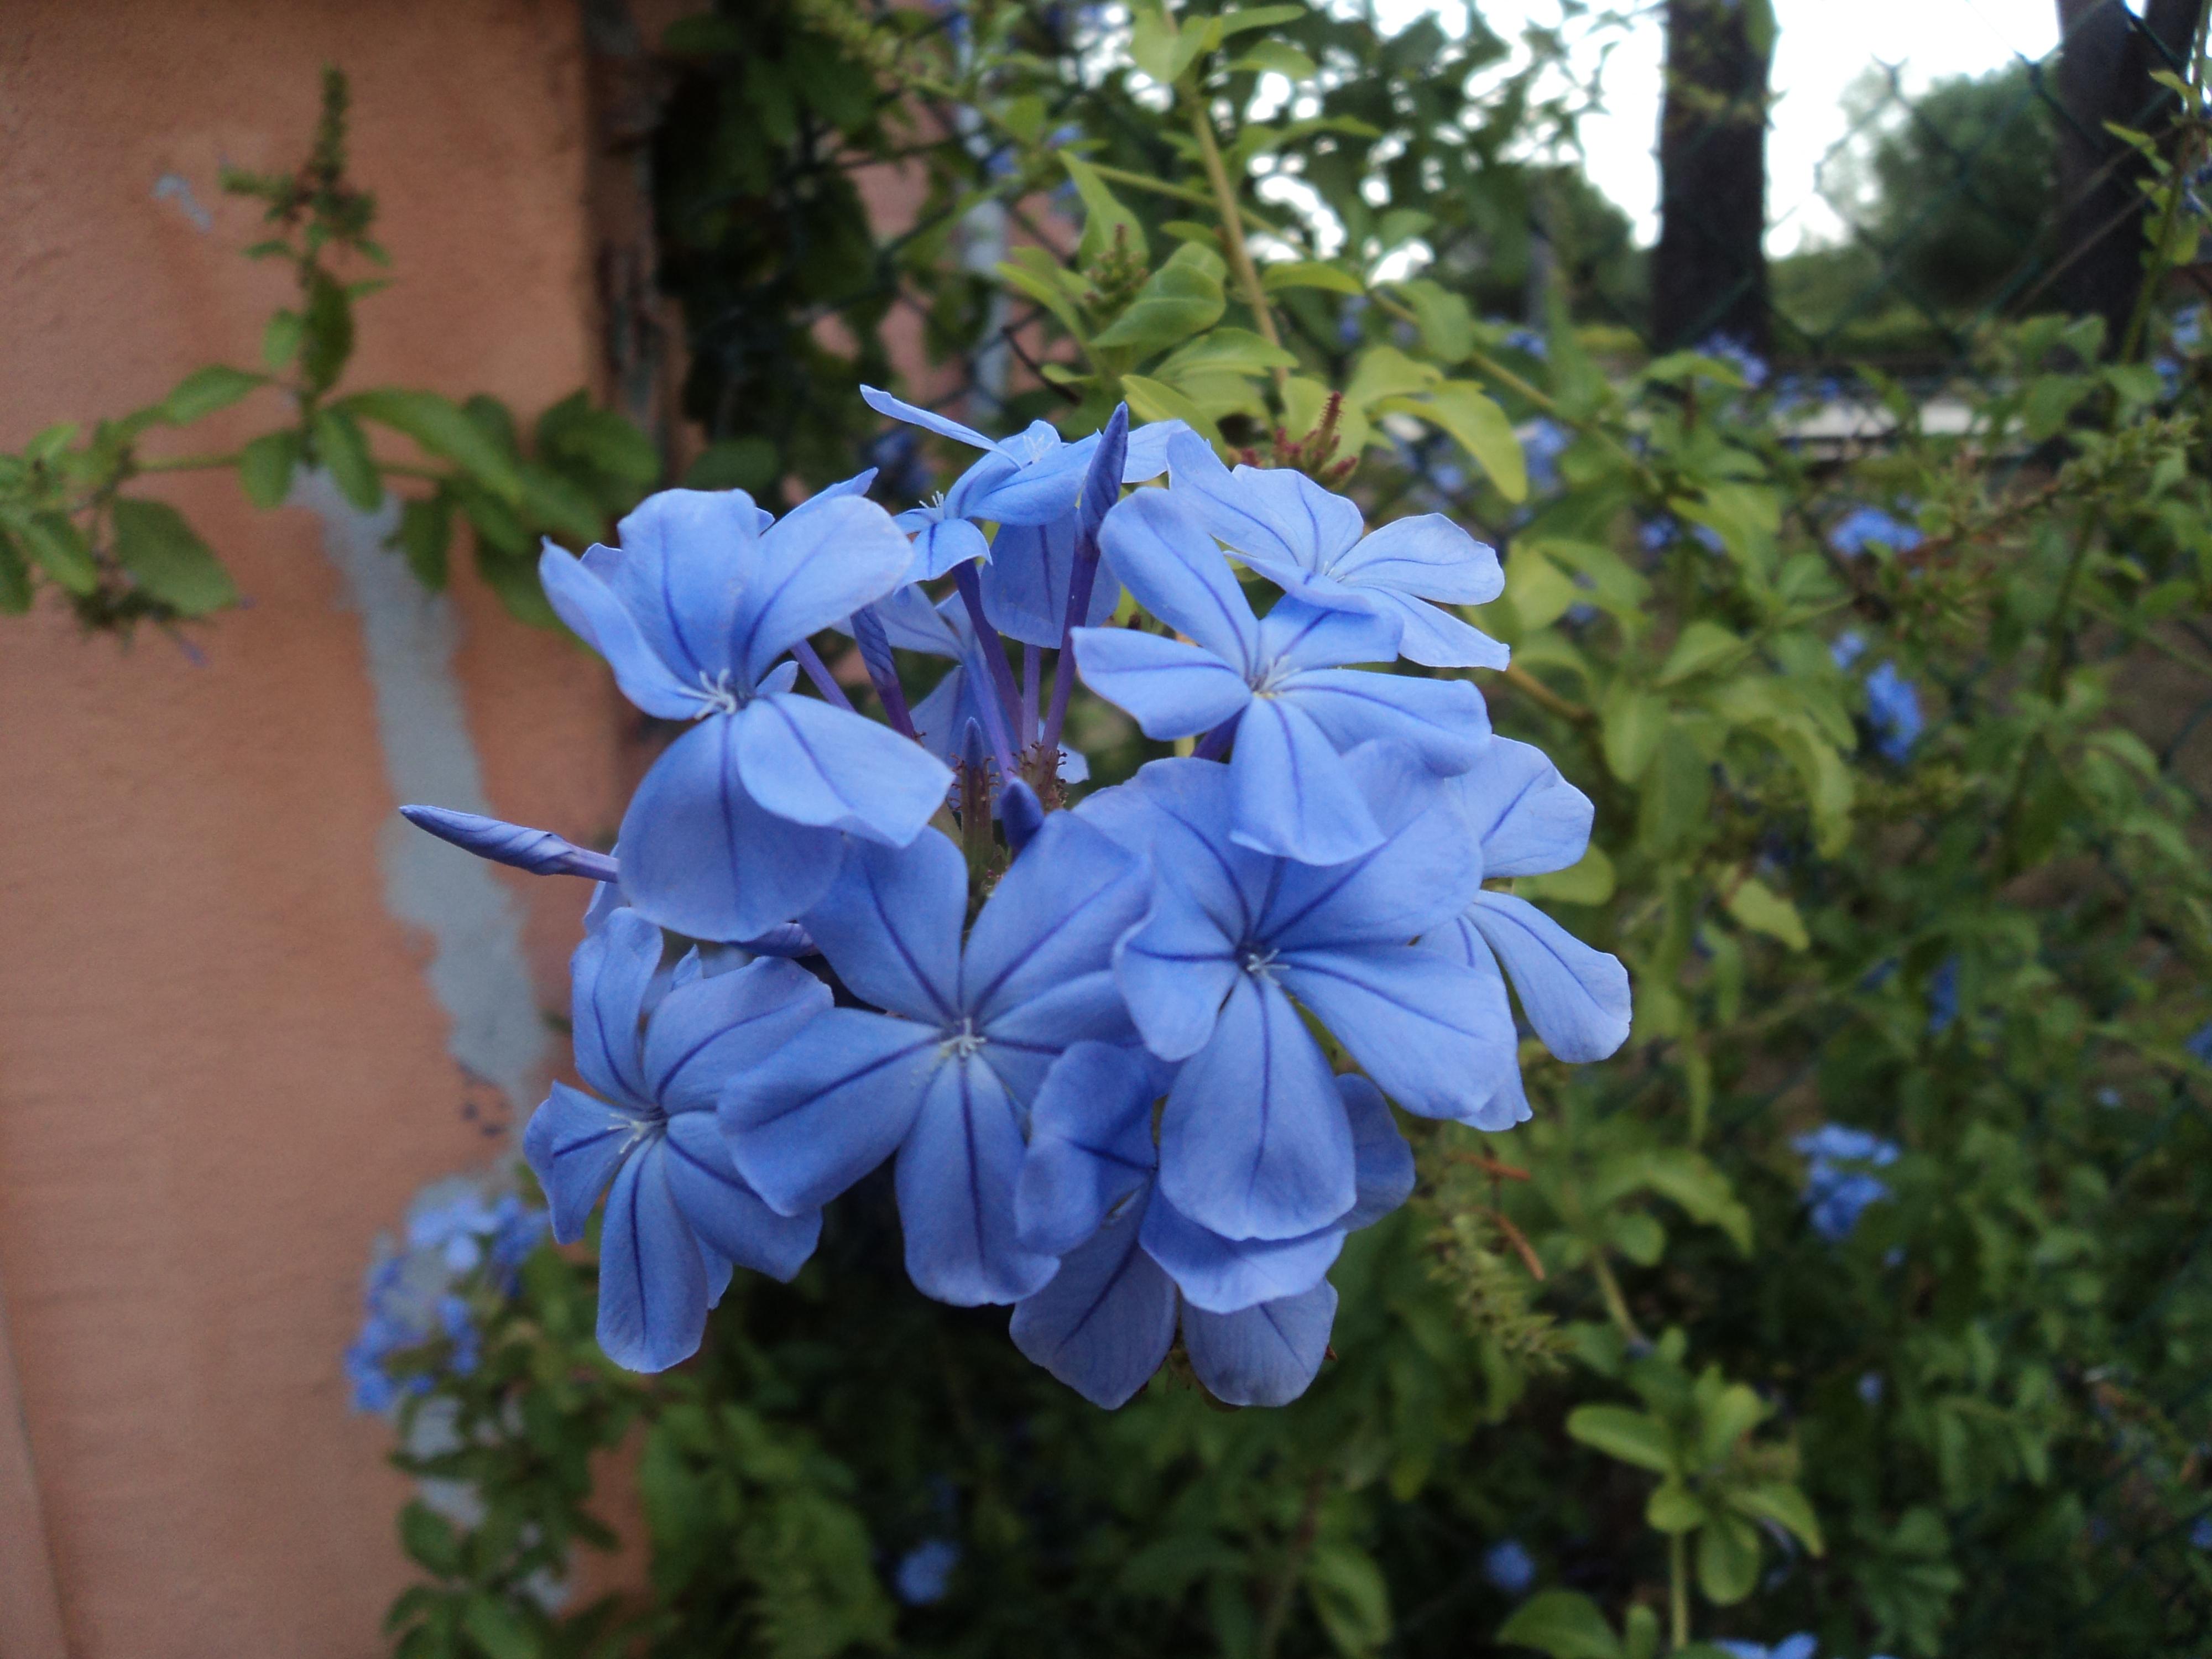 Filelight blue flowers in romeg wikimedia commons filelight blue flowers in romeg izmirmasajfo